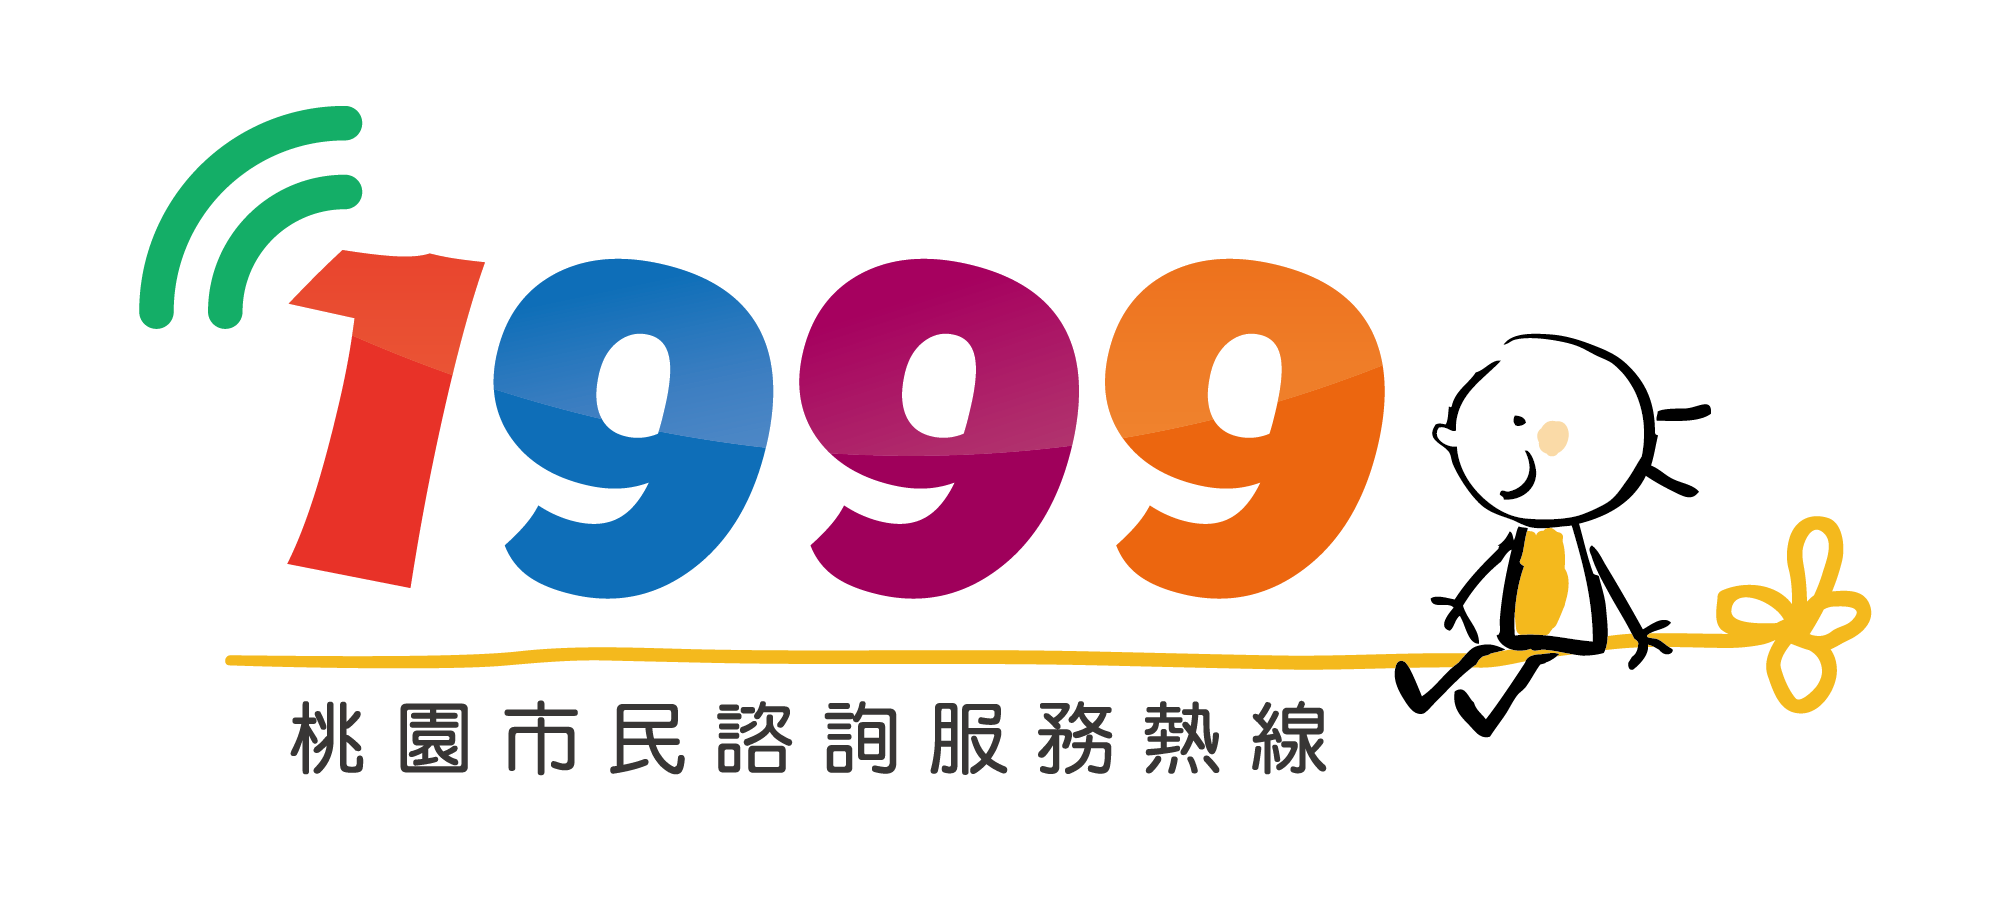 1999市民諮詢服務熱線